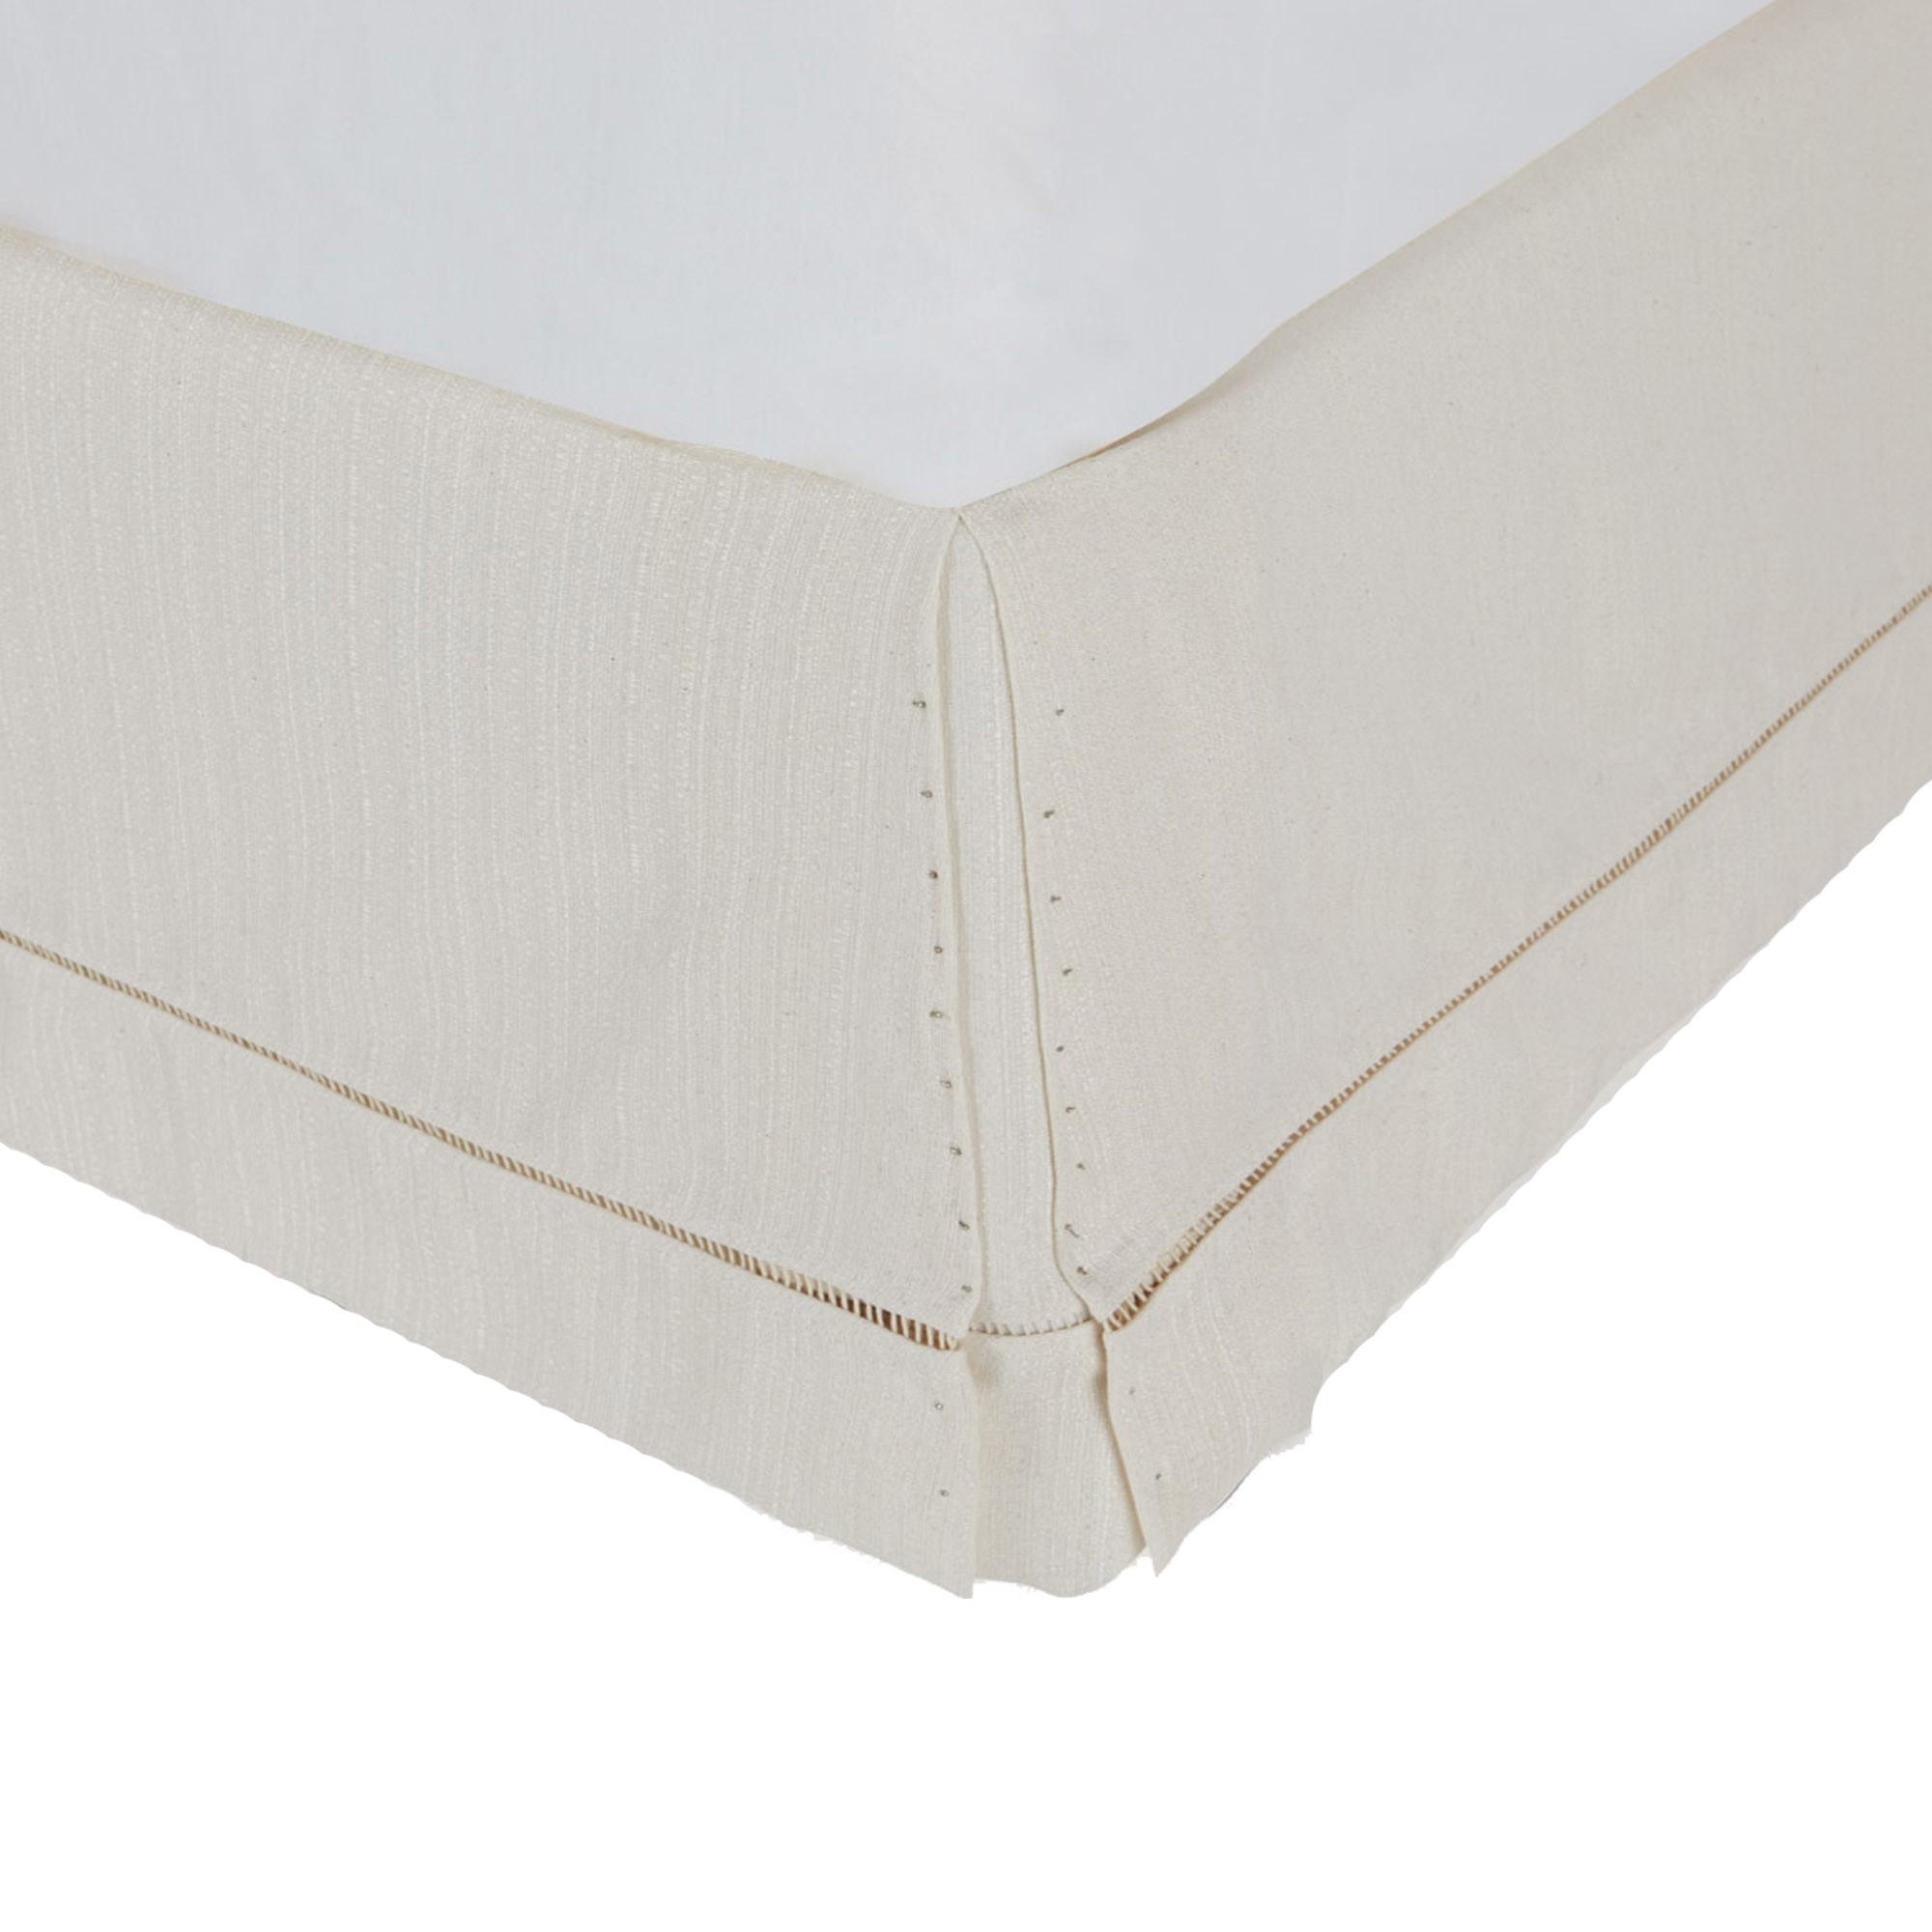 Saia para Cama Box com Ponto Palito Bege [Solteiro 088 x 188 cm]